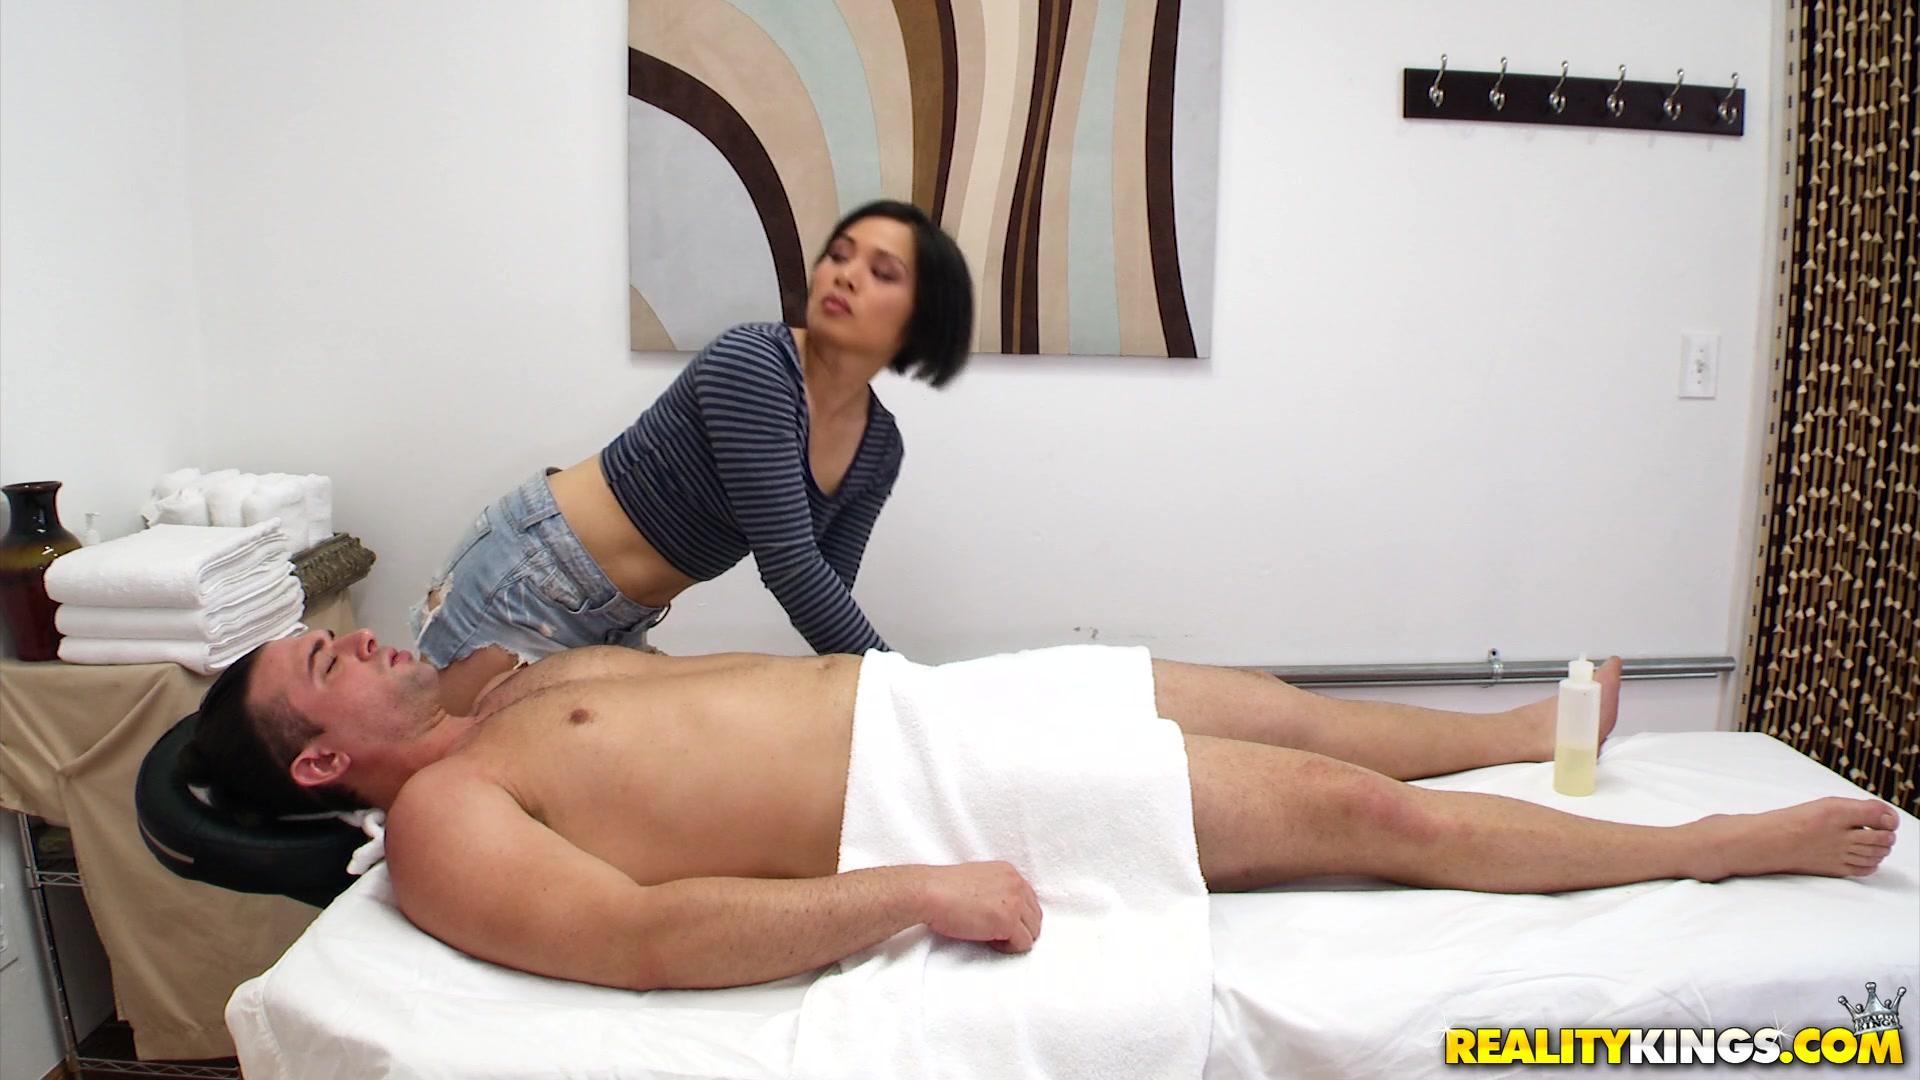 Stud masseur tugs on twinks huge dick 8